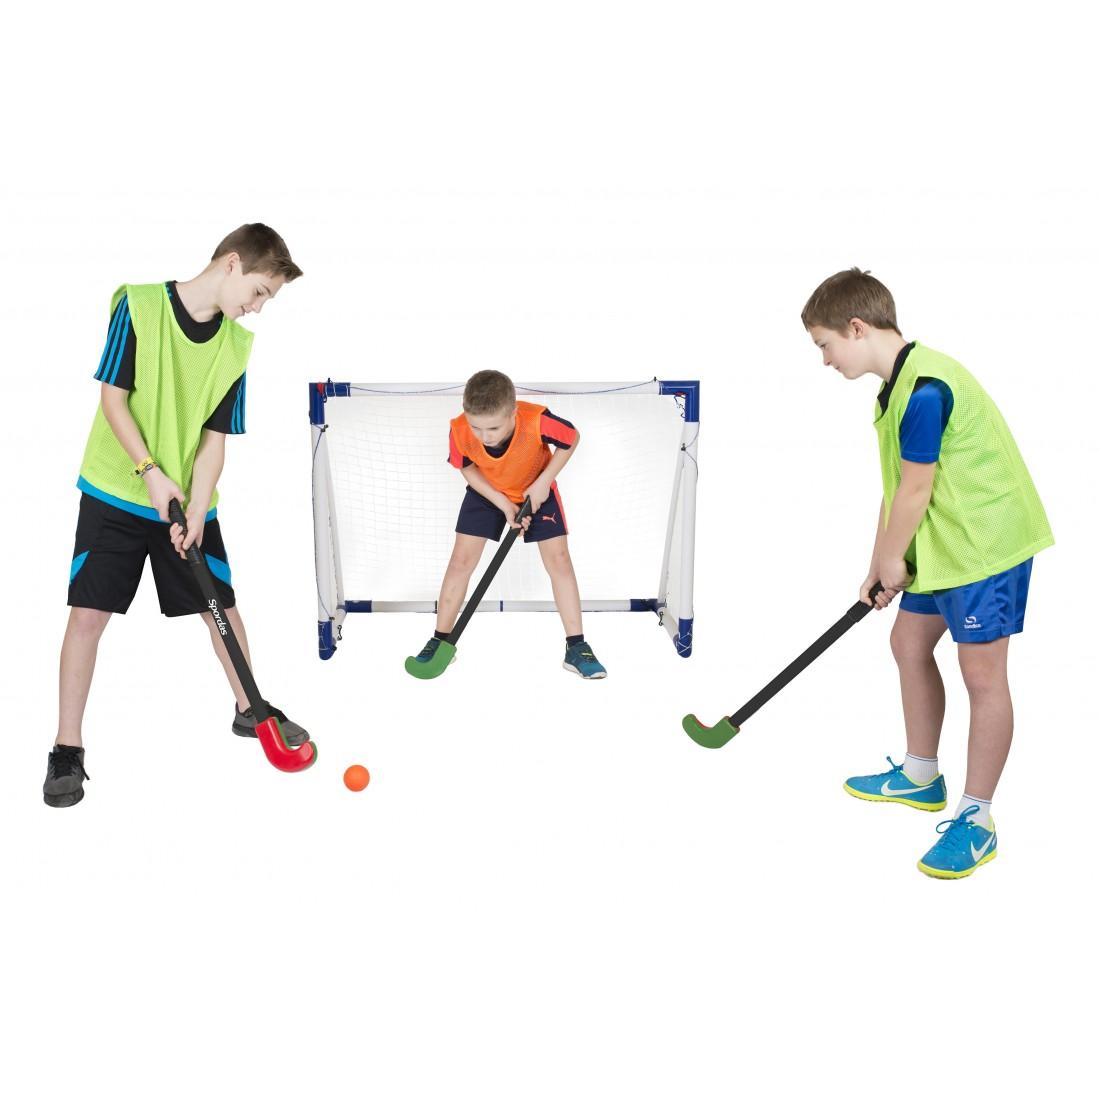 Crosses de Hockey sur gazon pour jeux de hockey sur gazon scolaire